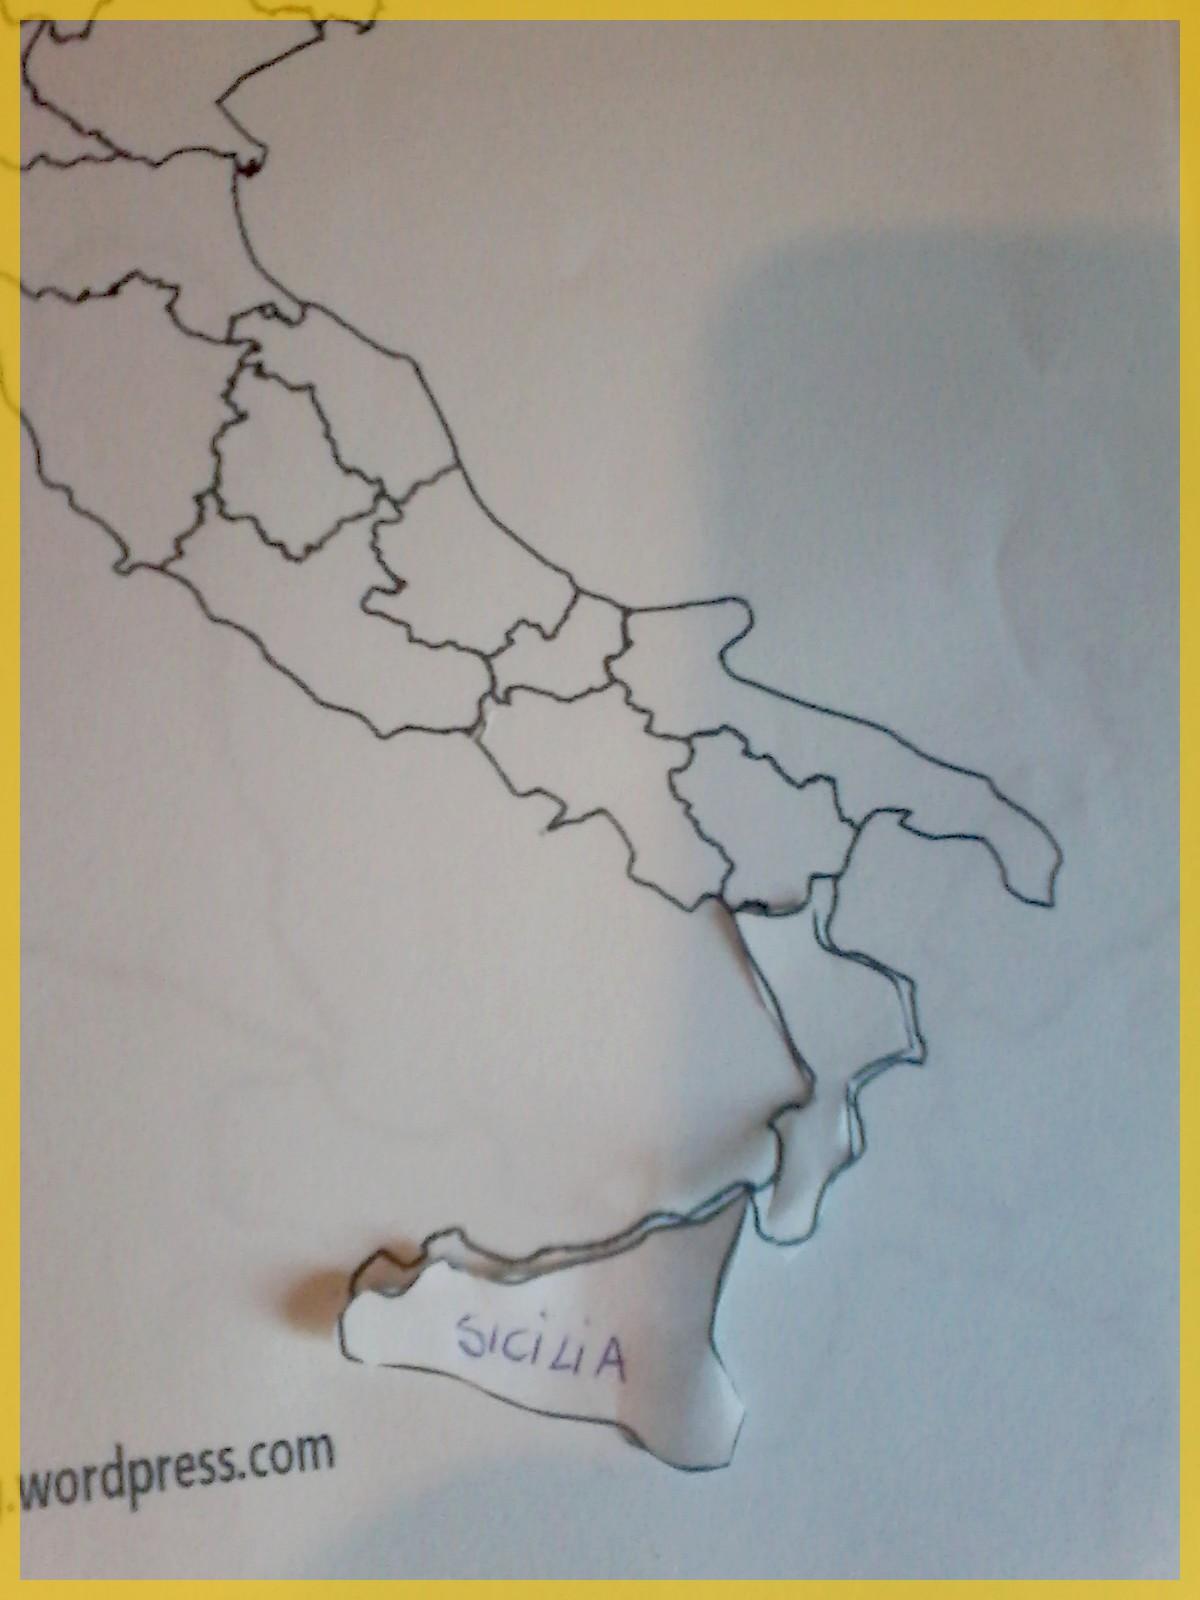 Cartina Italia Regioni Da Stampare Per Bambini.L Italia In Un Puzzle Per Imparare Regioni E Posizioni Per Quaderno Crearegiocando